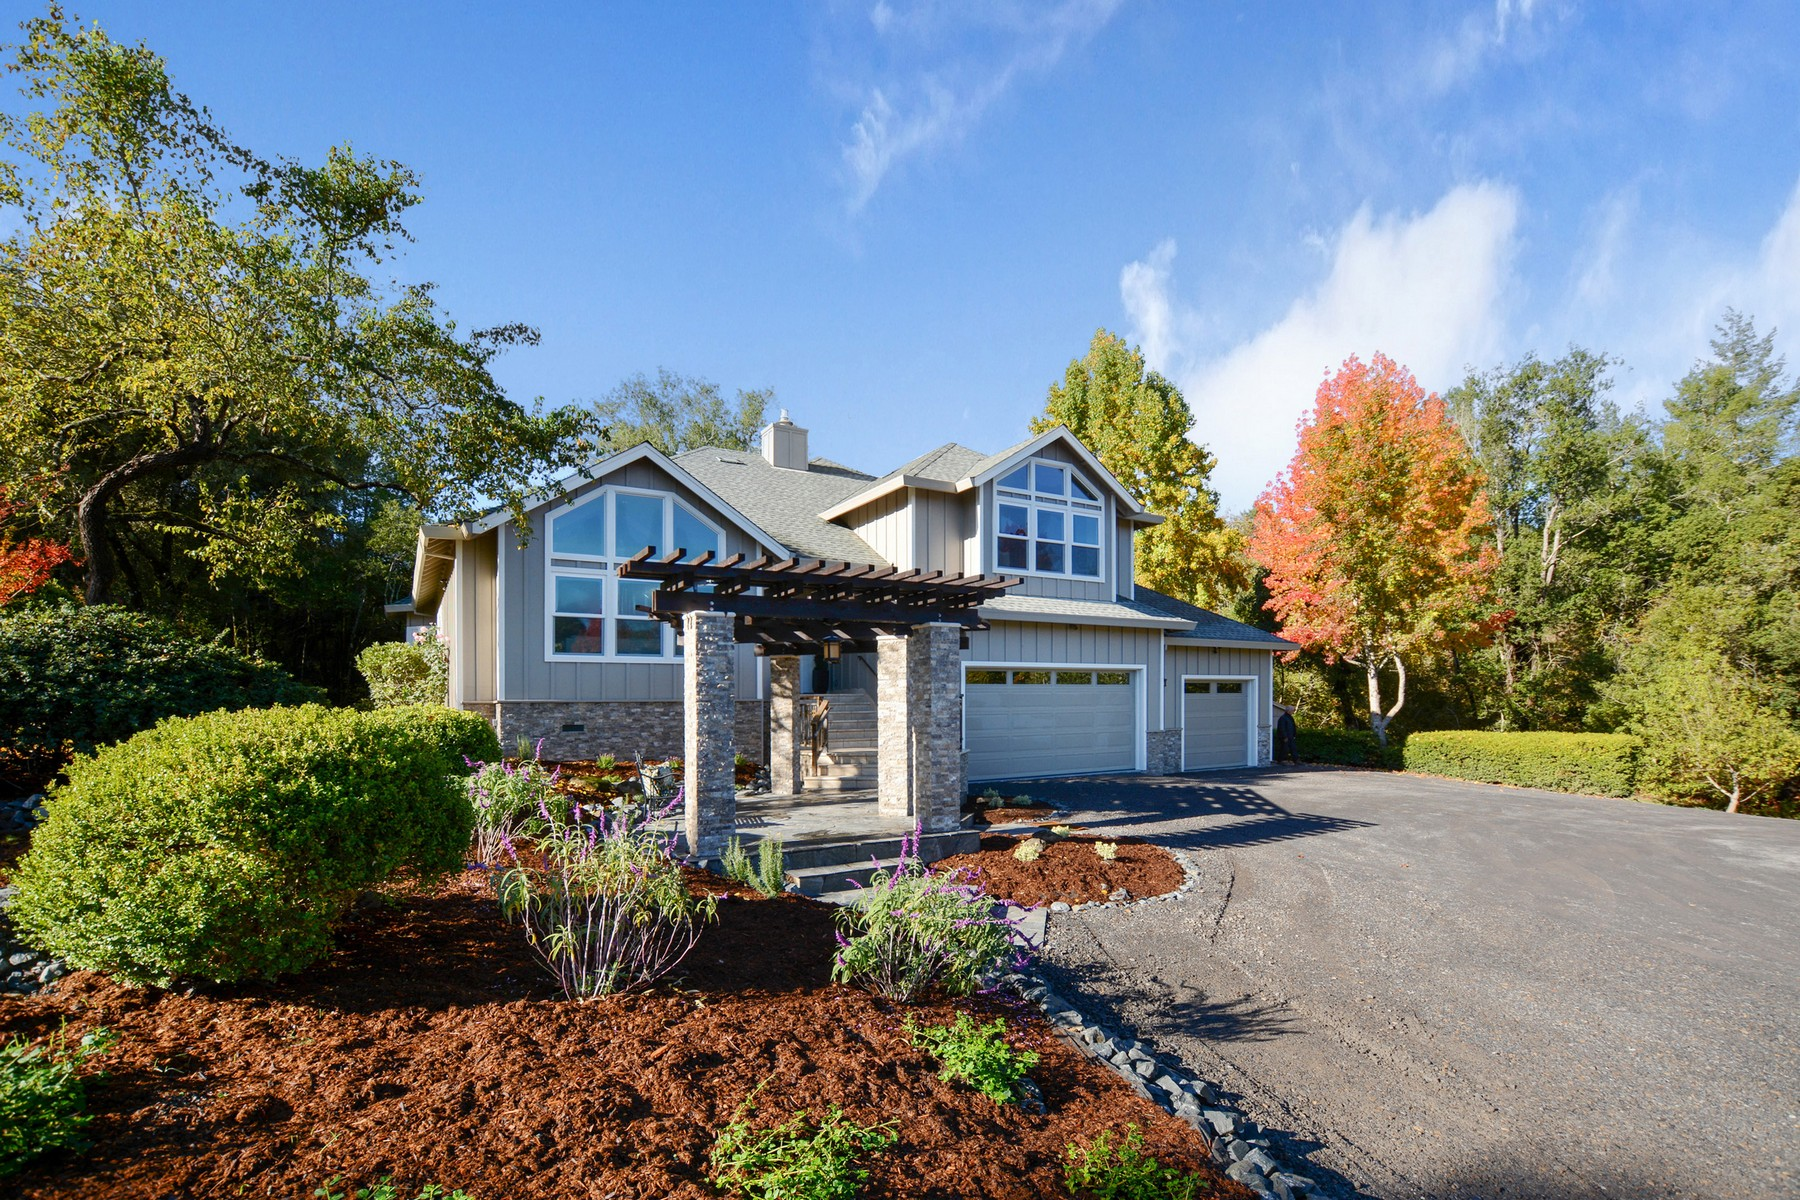 Частный односемейный дом для того Продажа на 2455 Laguna Road Santa Rosa, Калифорния, 95401 Соединенные Штаты